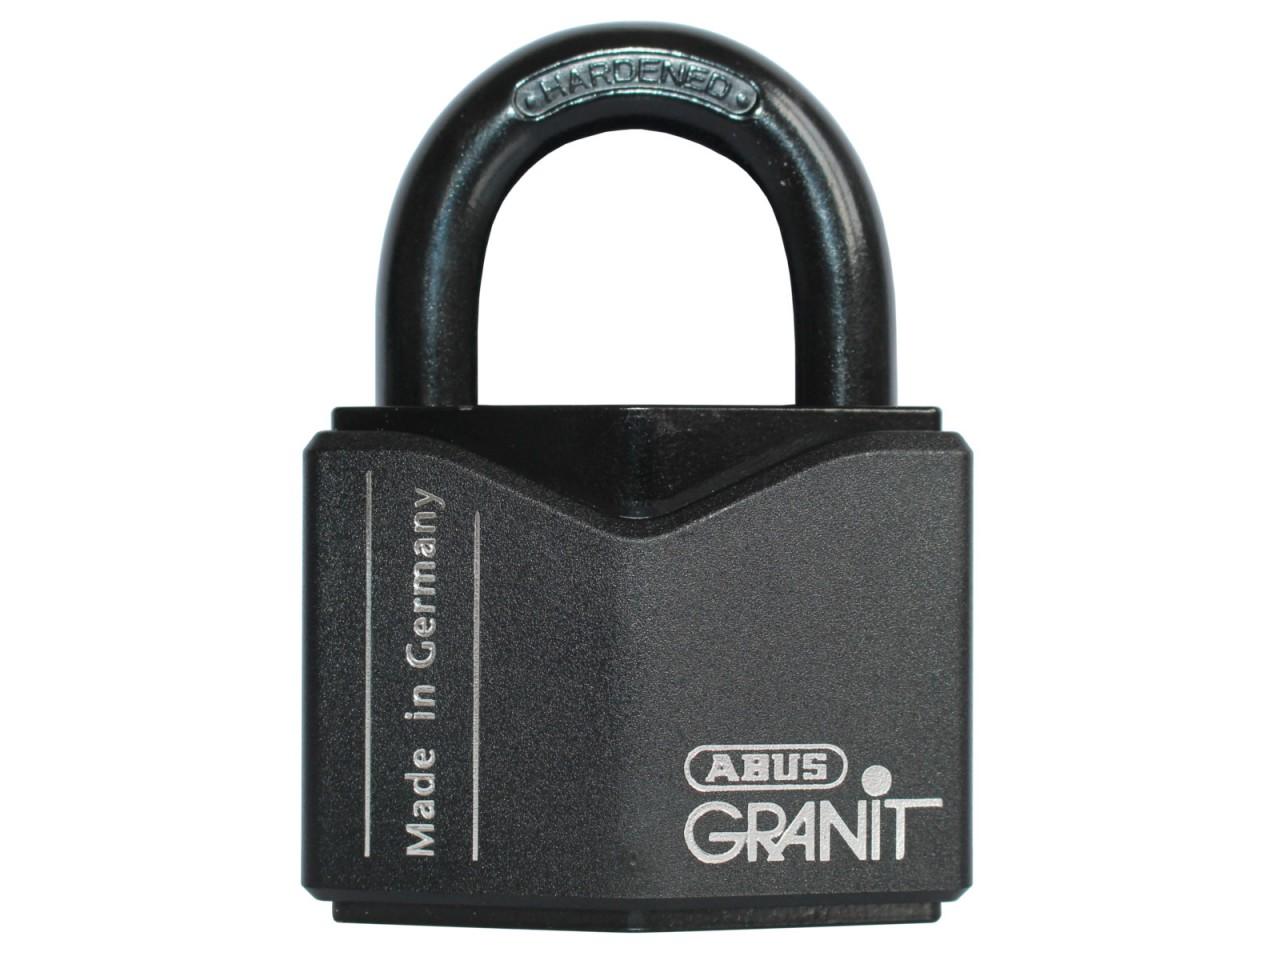 Vorhängeschloss ABUS Granit 37/55 - Sicherheitsschloss | SQS